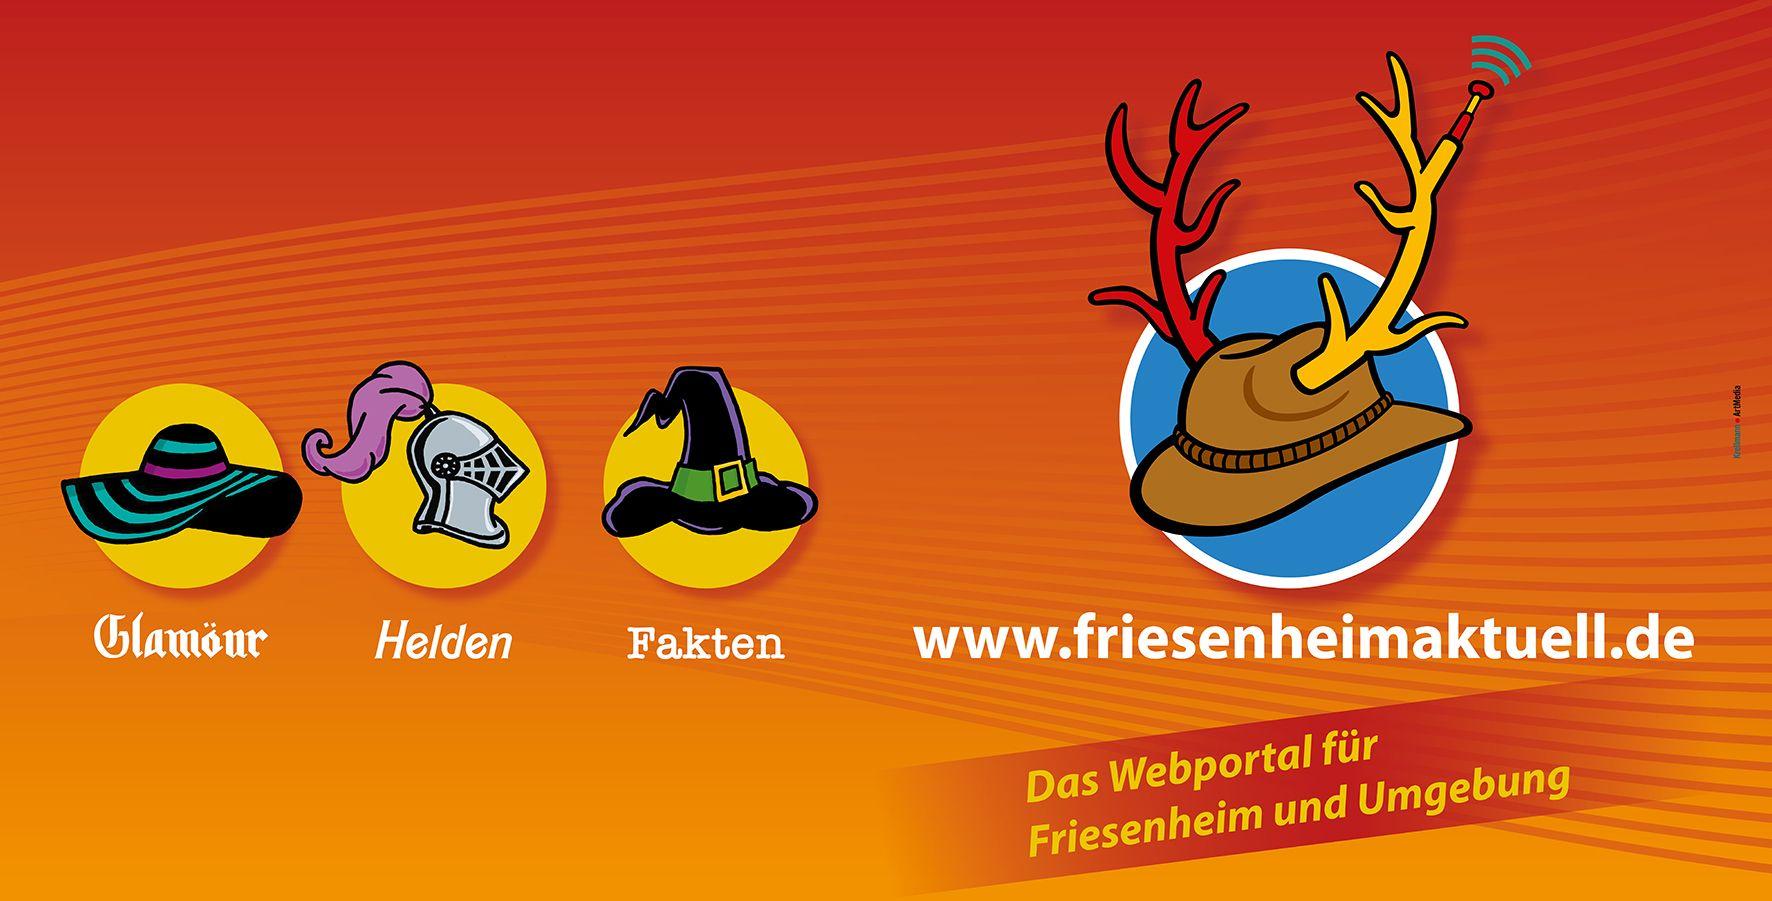 Friesenheim Aktuell geht auf die Straße !